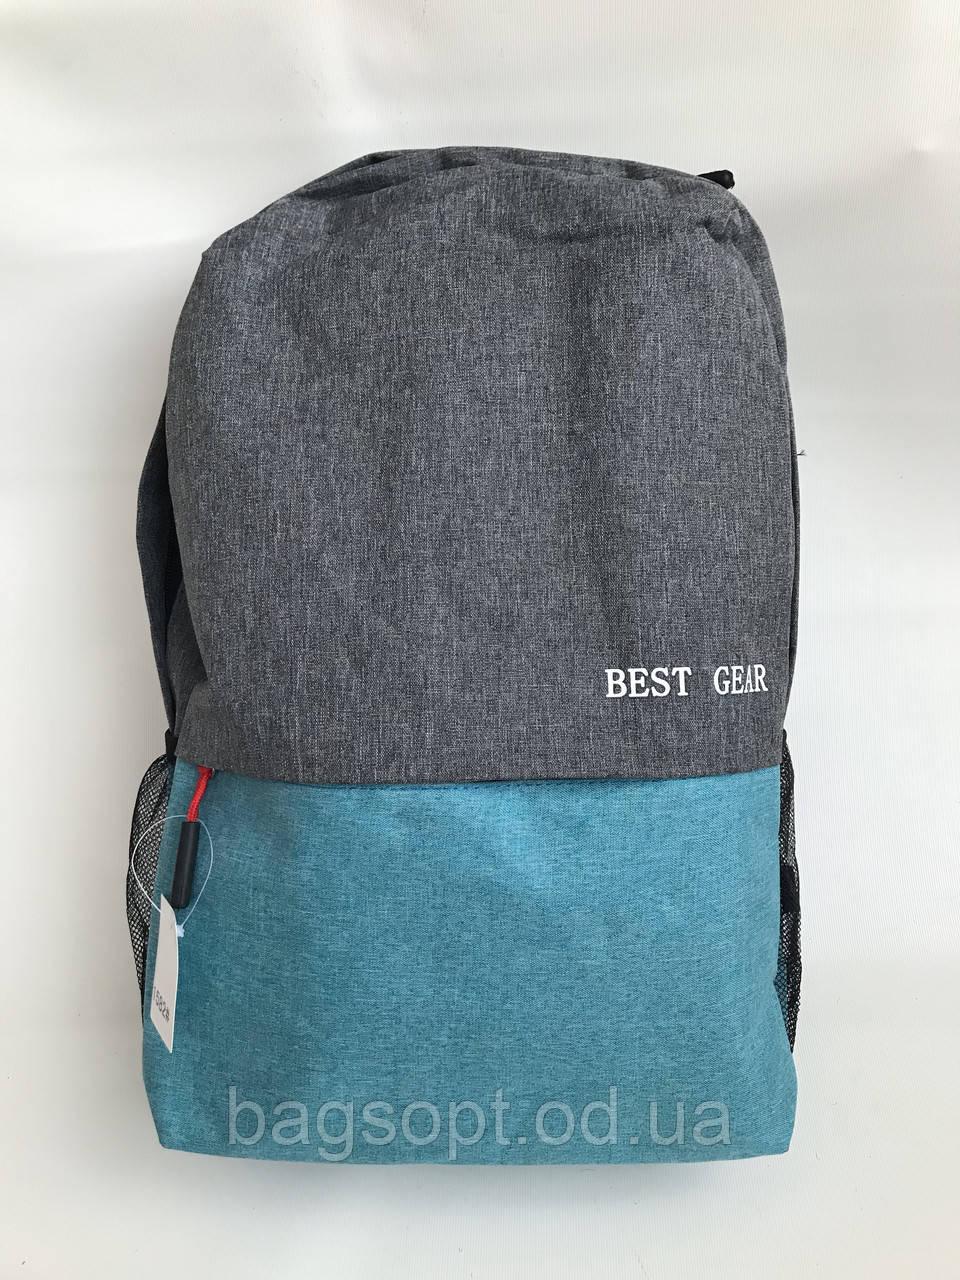 Универсальный рюкзак спортивный текстильный Одесса 7 км